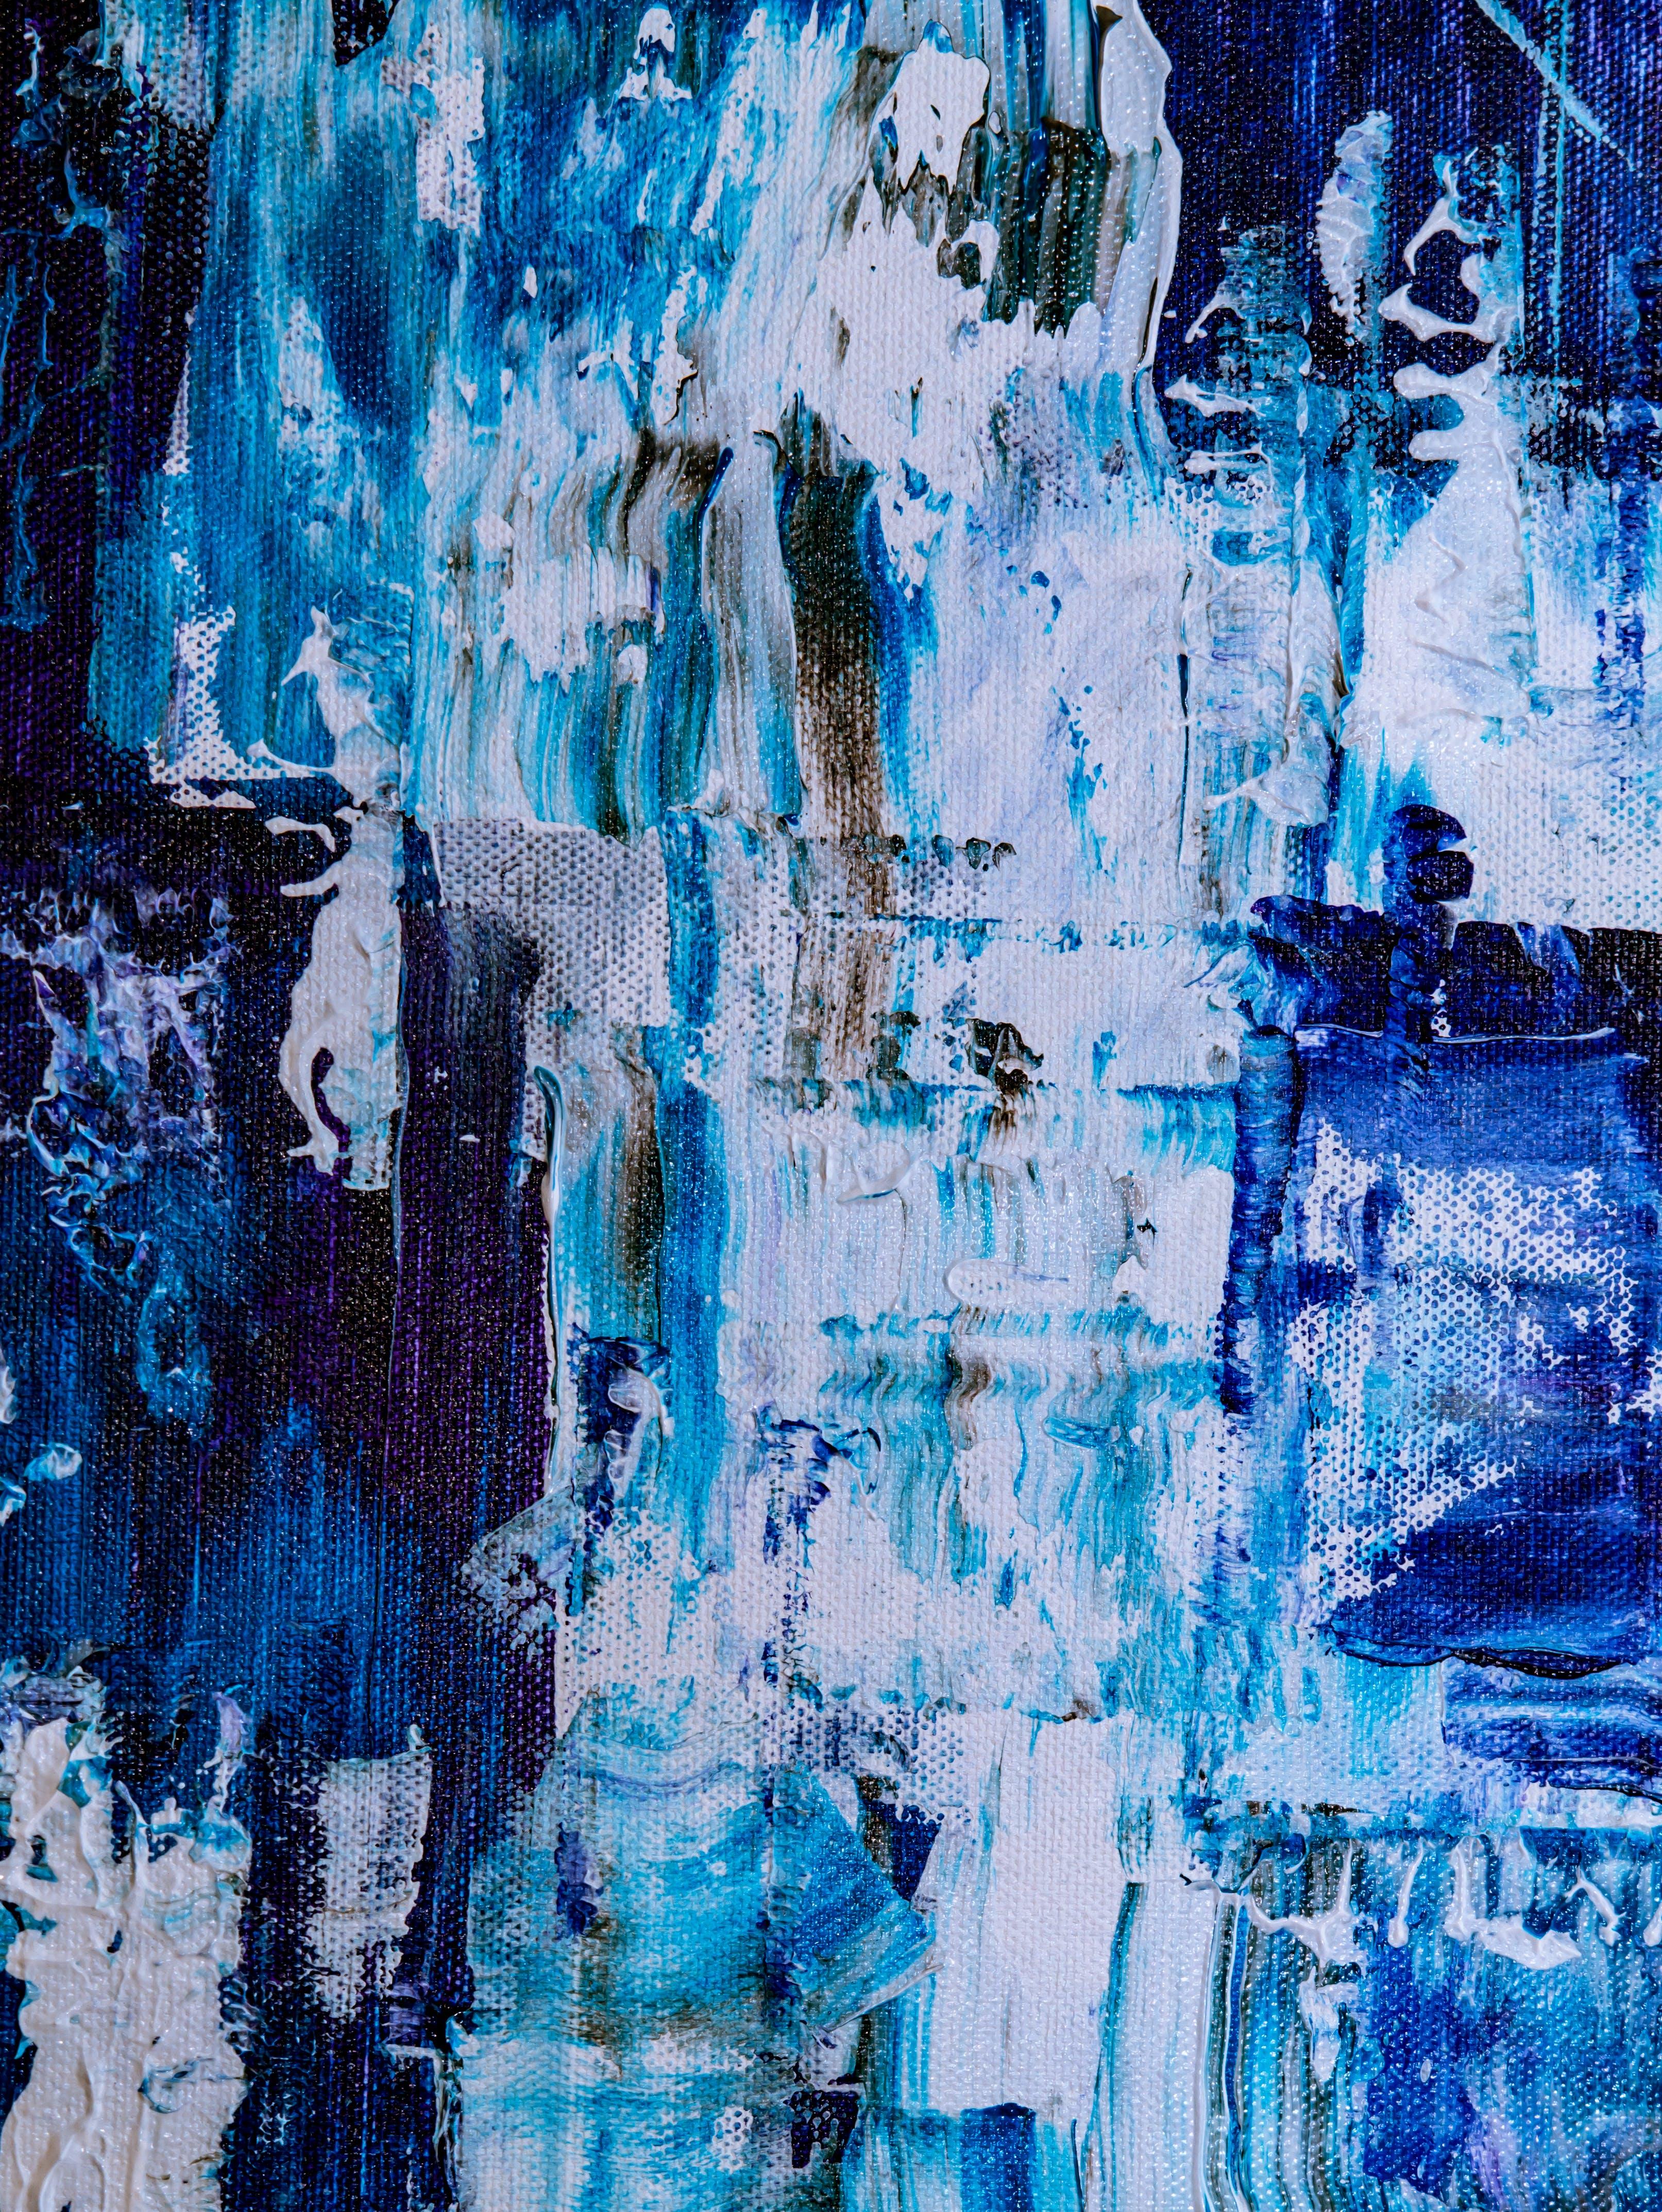 Gratis stockfoto met abstract schilderij, acrylverf, artistiek, canvas